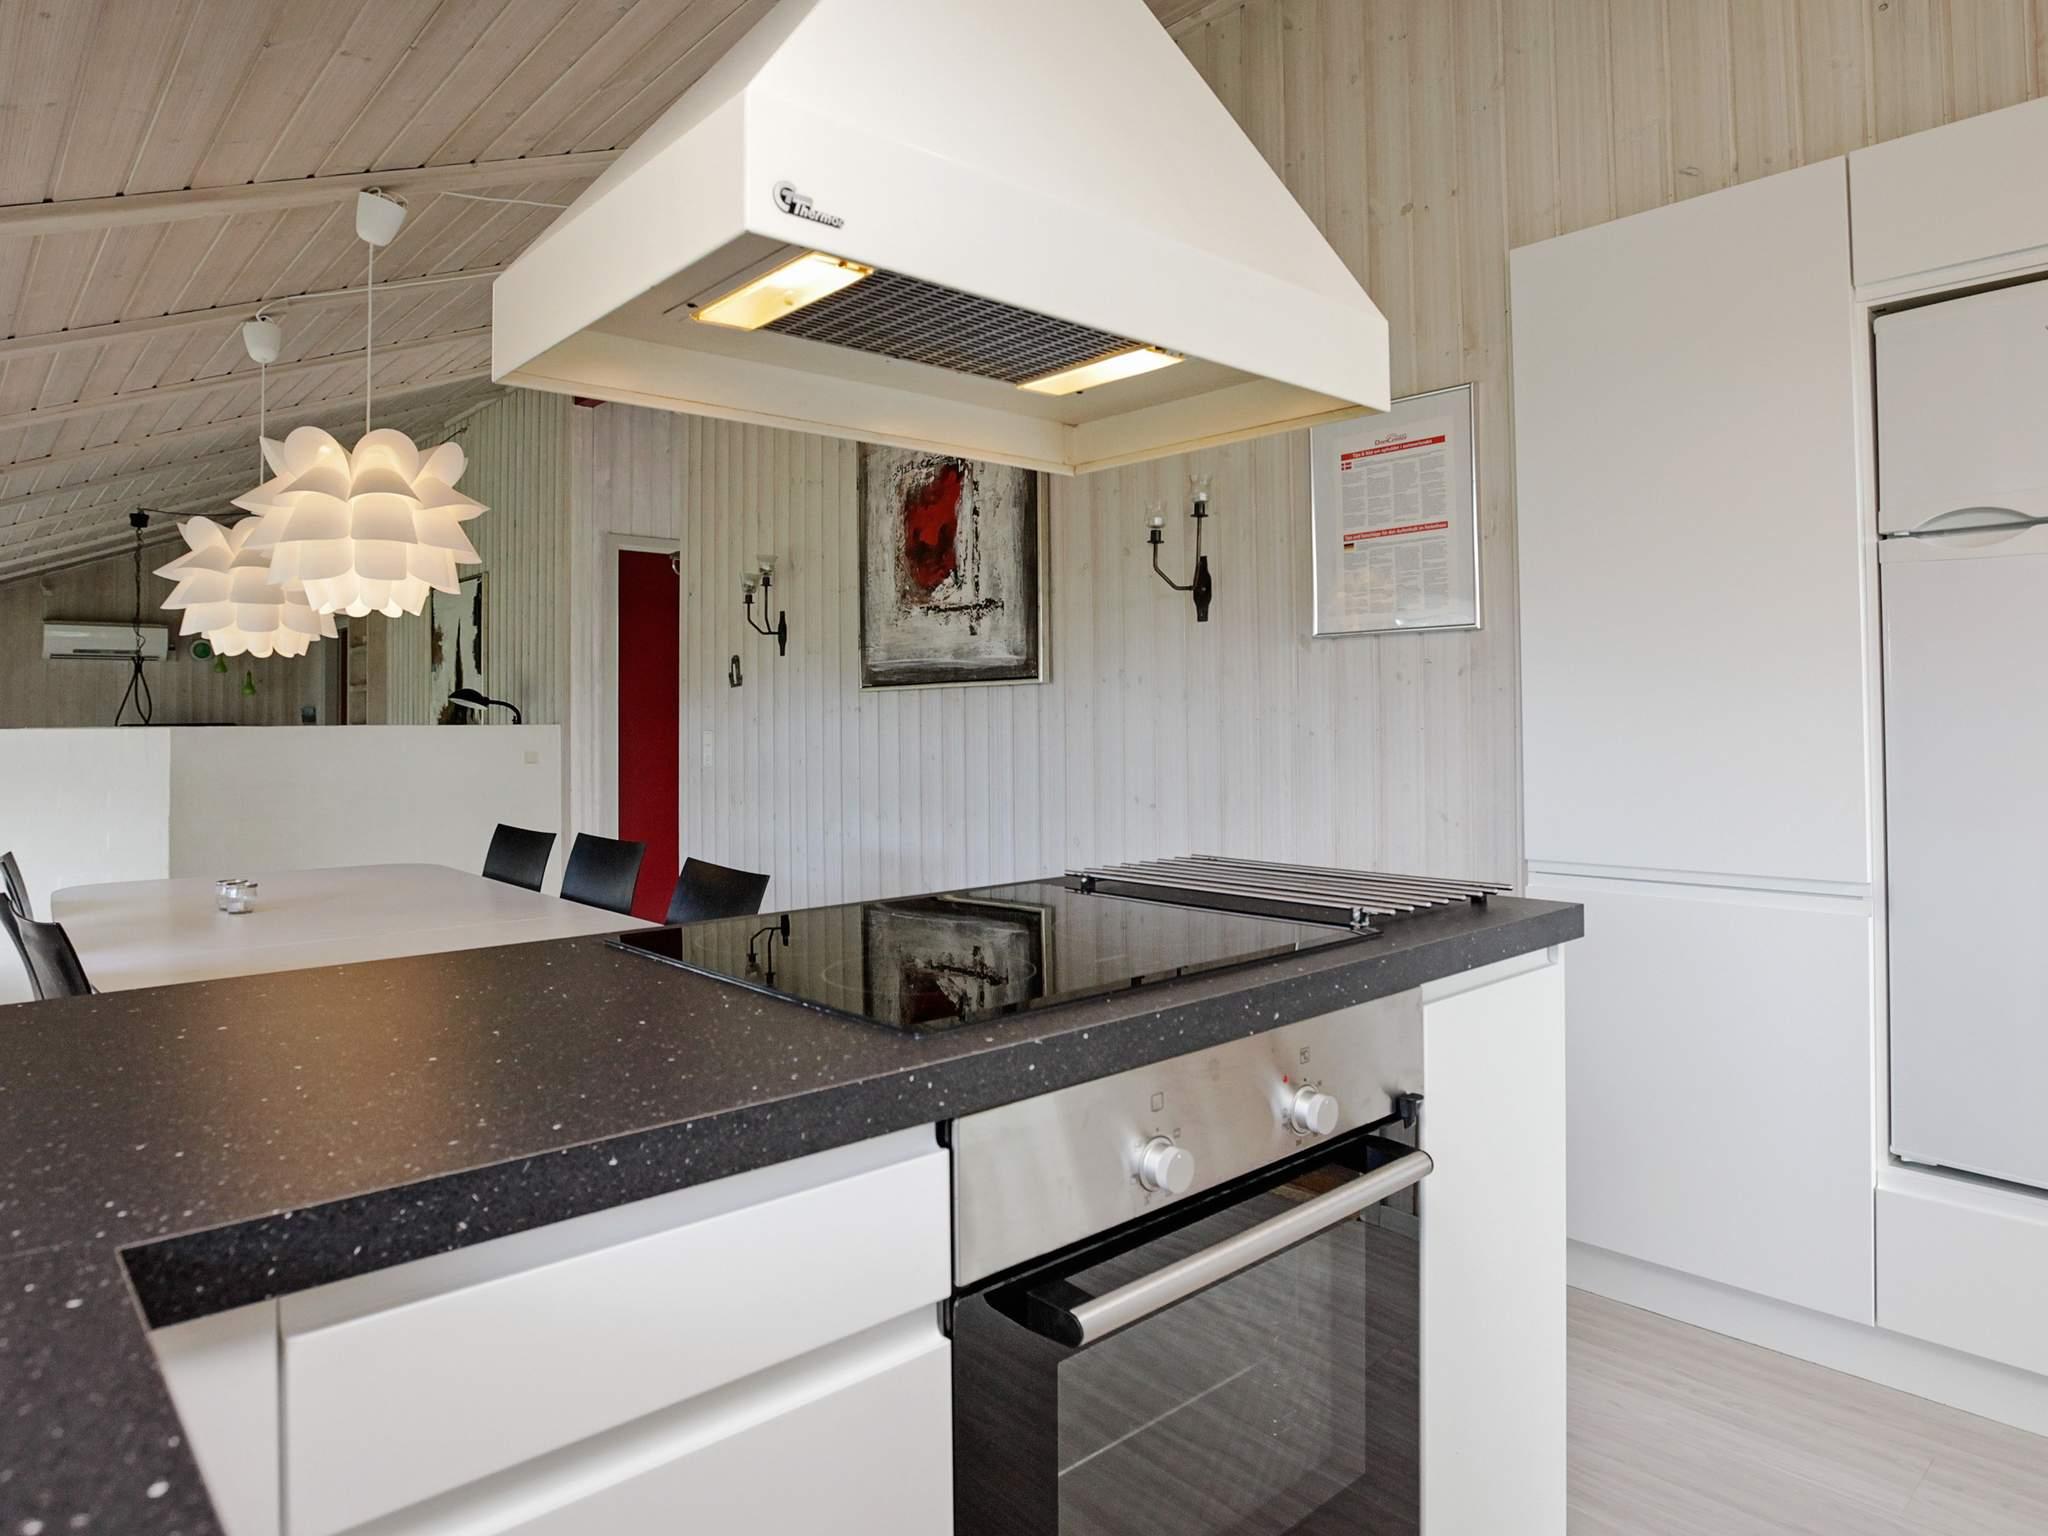 Ferienhaus Løkken (84407), Løkken, , Nordwestjütland, Dänemark, Bild 7